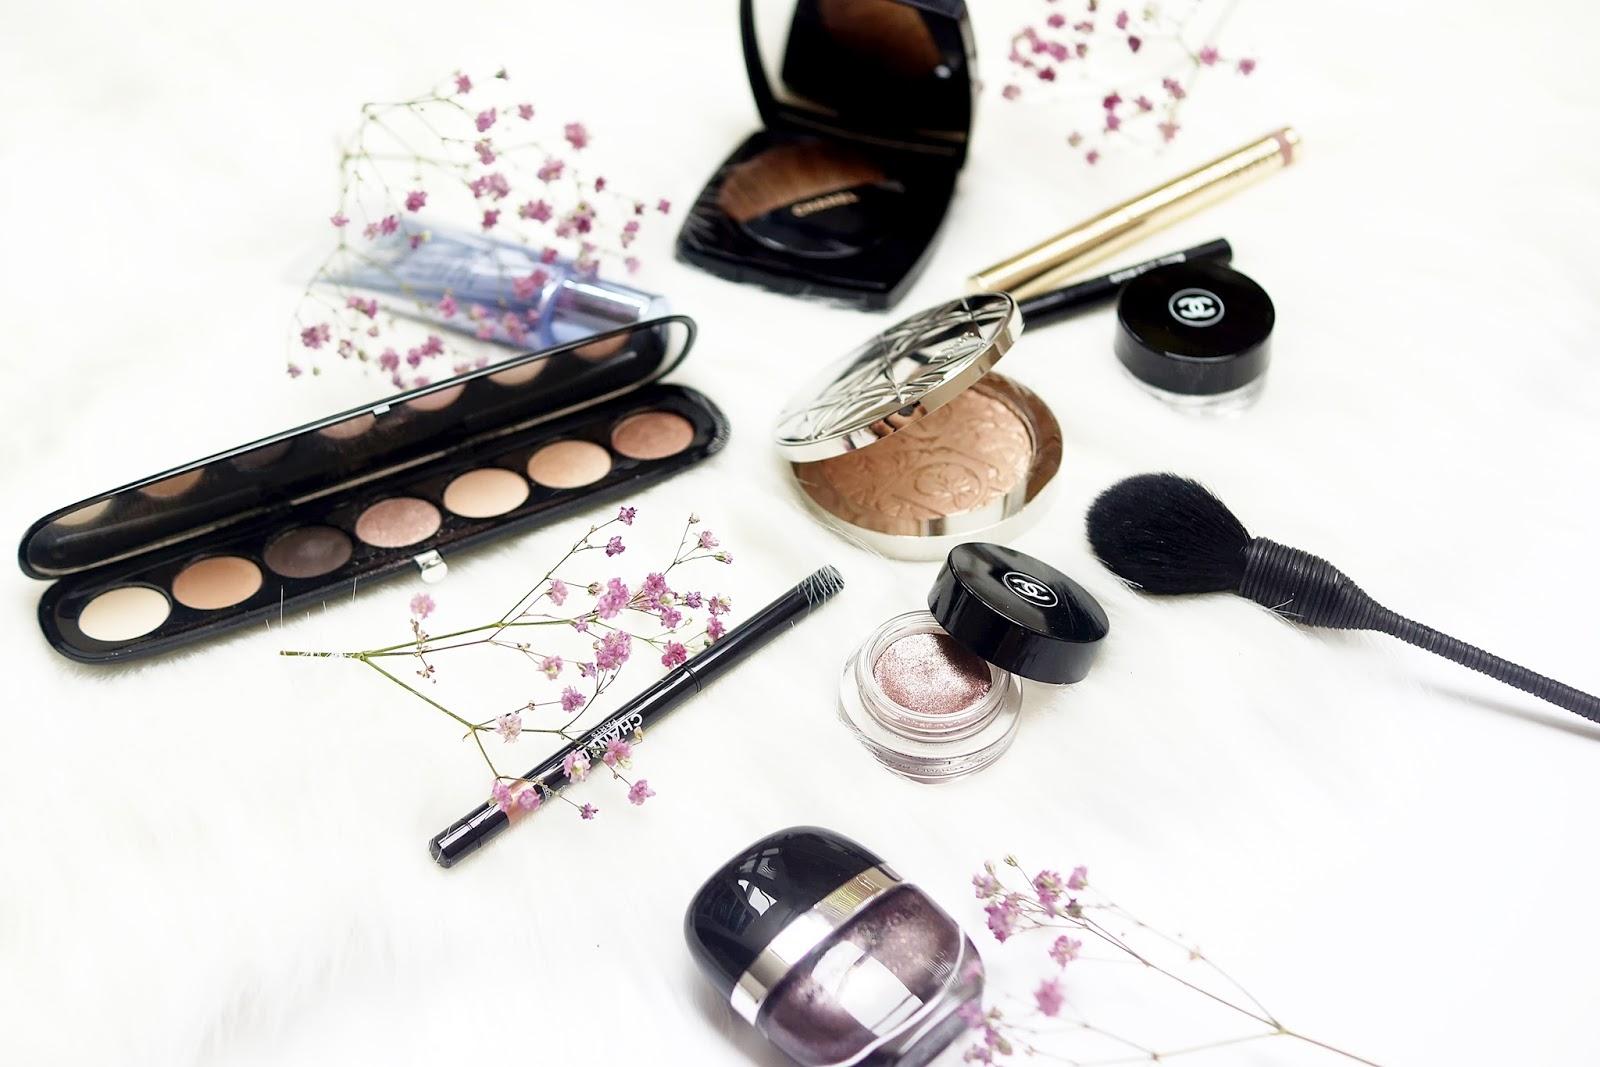 high-end-beauty-worth-splurge-2016